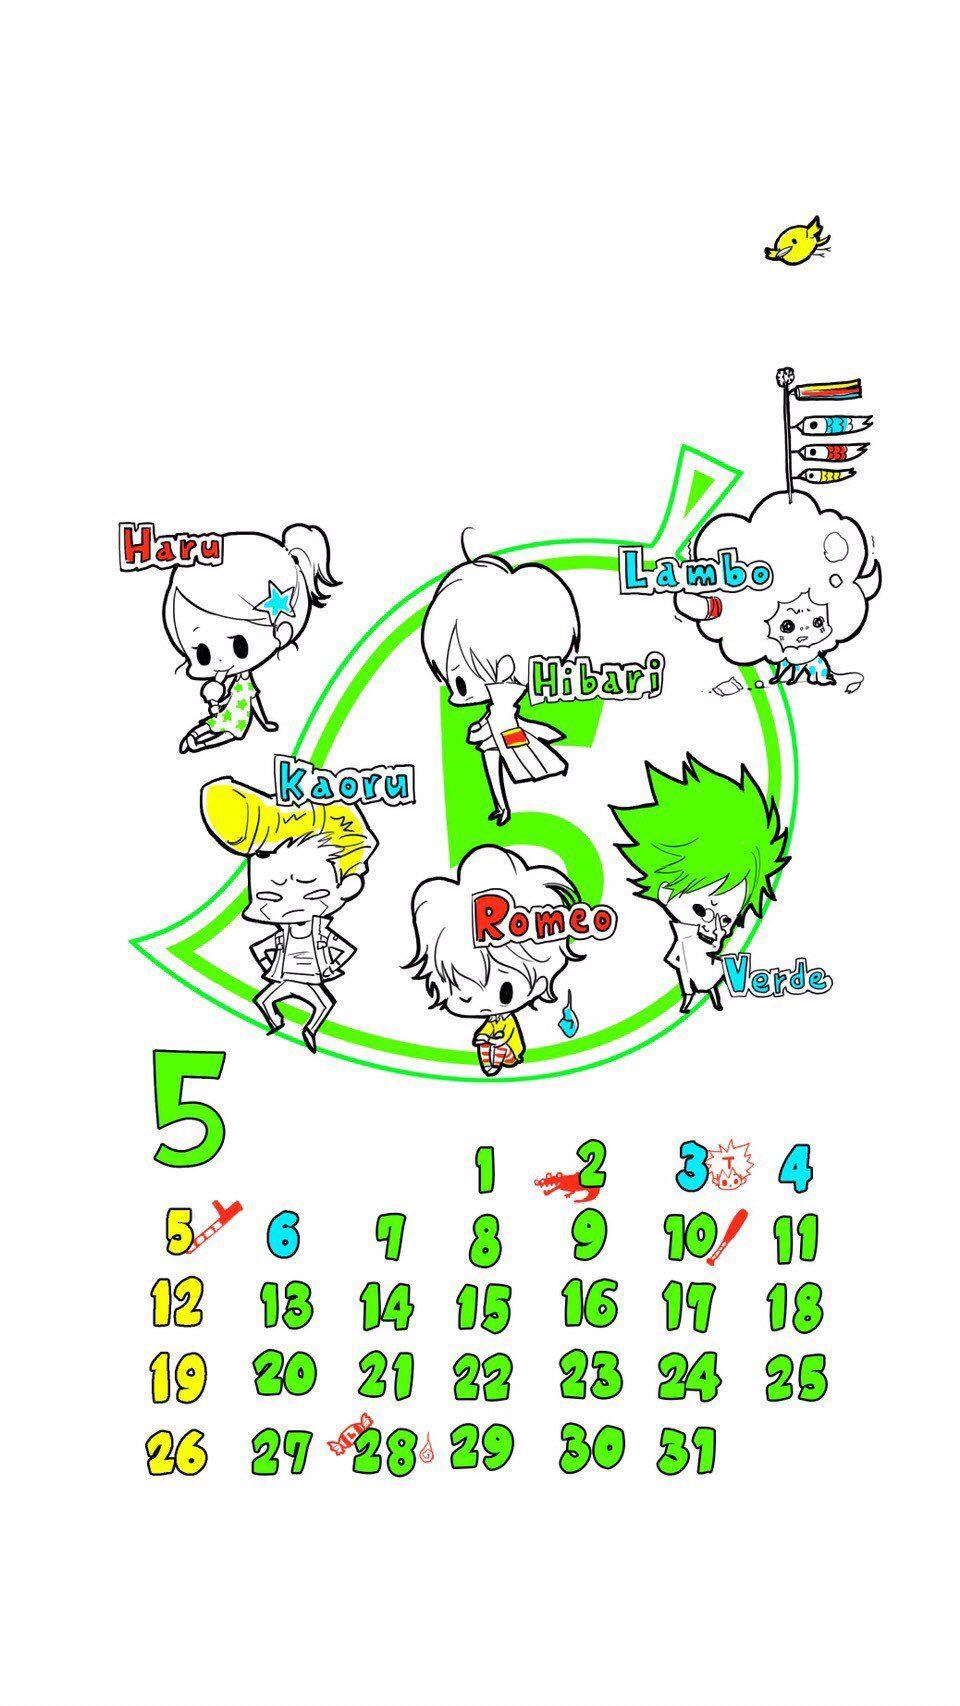 天野明 担当編集 公式 on twitter 5月に入りました 天野明先生から今月も描き下ろしのカレンダーイラストが到着しています よろしければダウンロードしてみてください akira anime hitman reborn reborn katekyo hitman